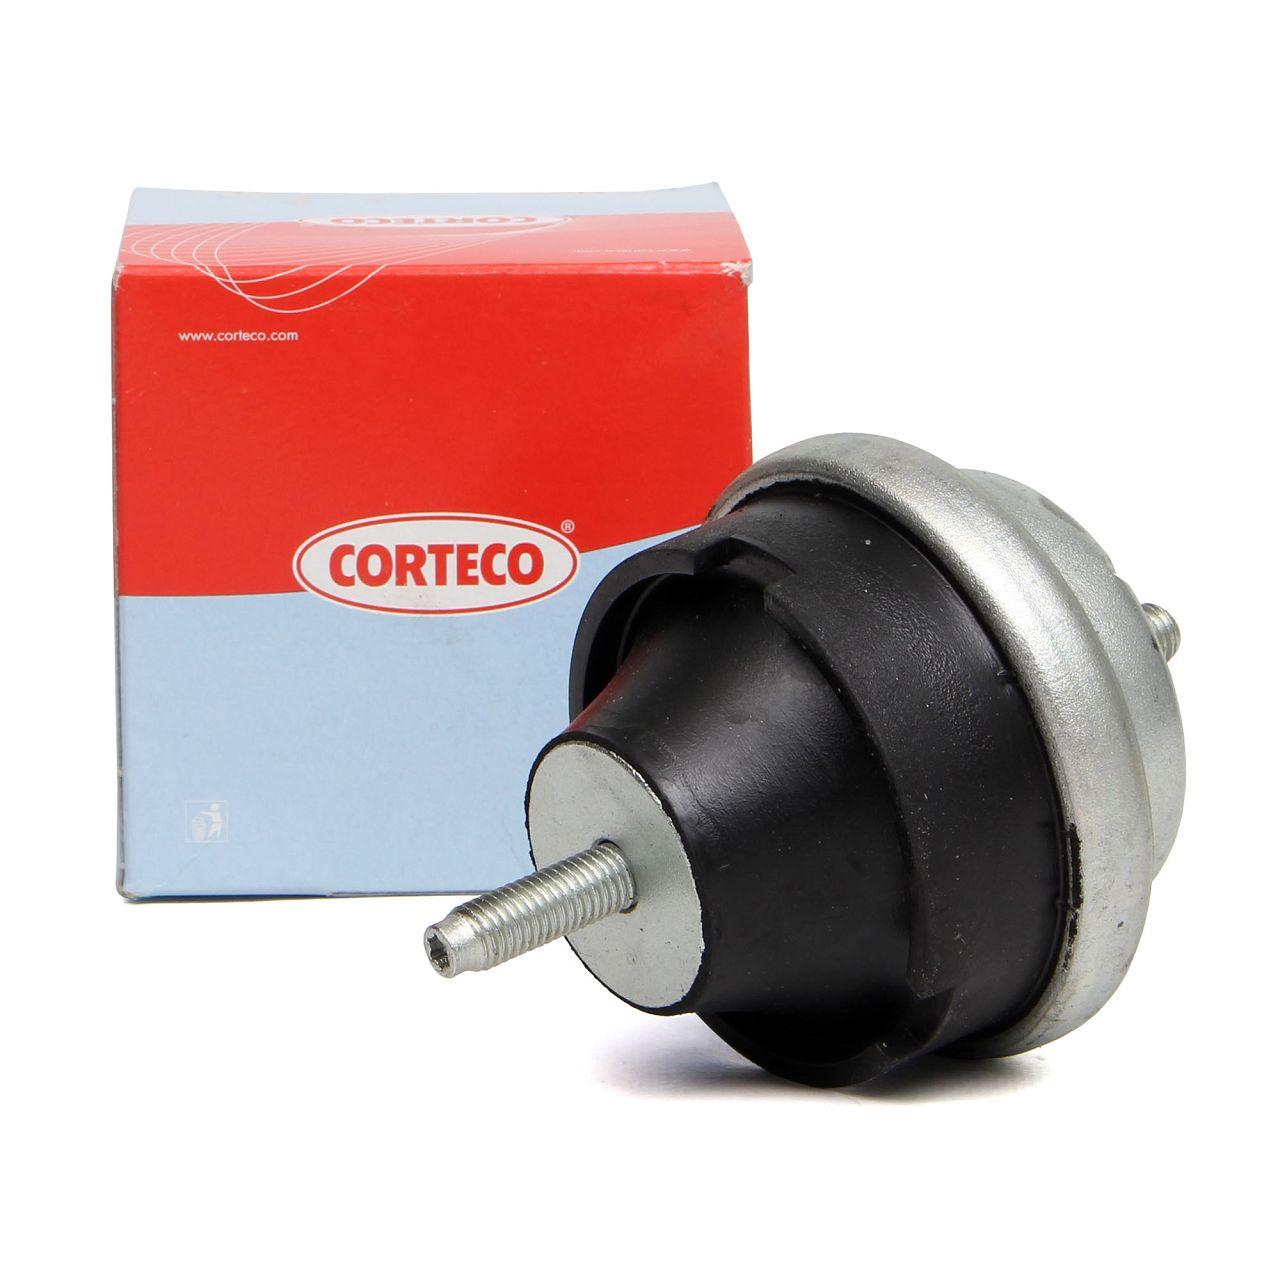 CORTECO 21652742 Motorlager für CITROEN XSARA PEUGEOT 206 PARTNER vorne rechts